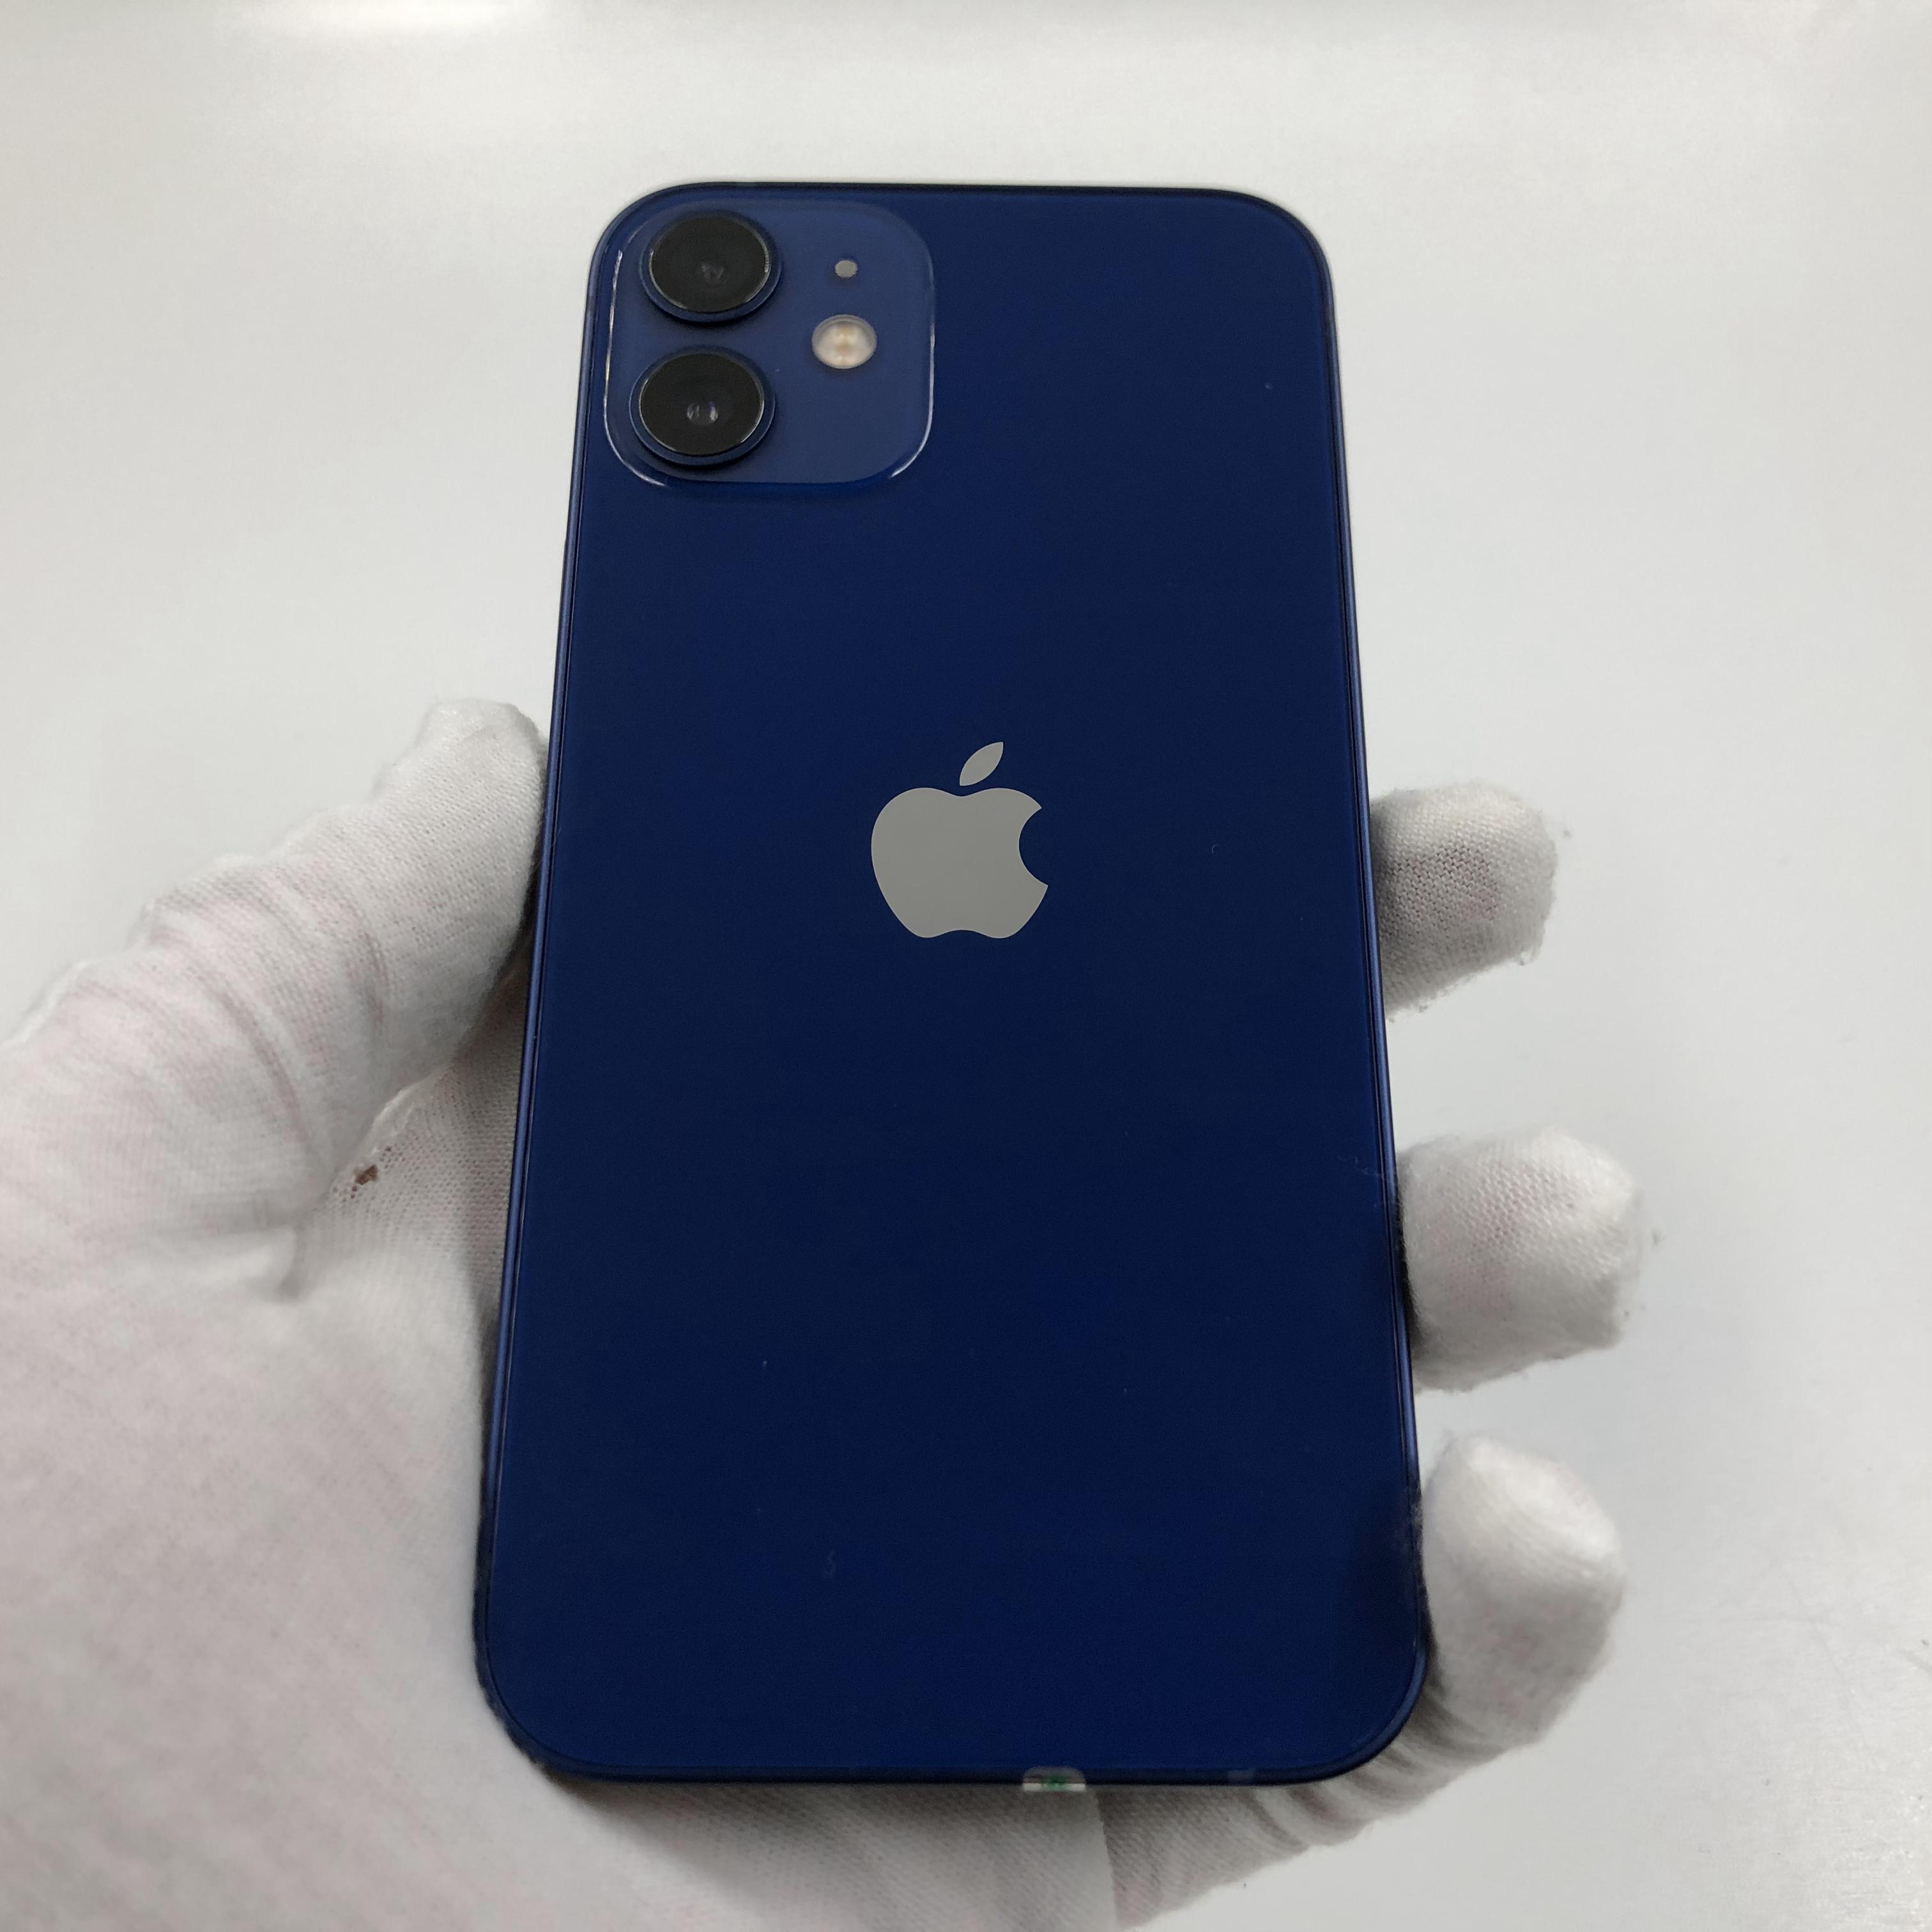 苹果【iPhone 12 mini】5G全网通 蓝色 128G 国行 95新 真机实拍官保2021-11-13